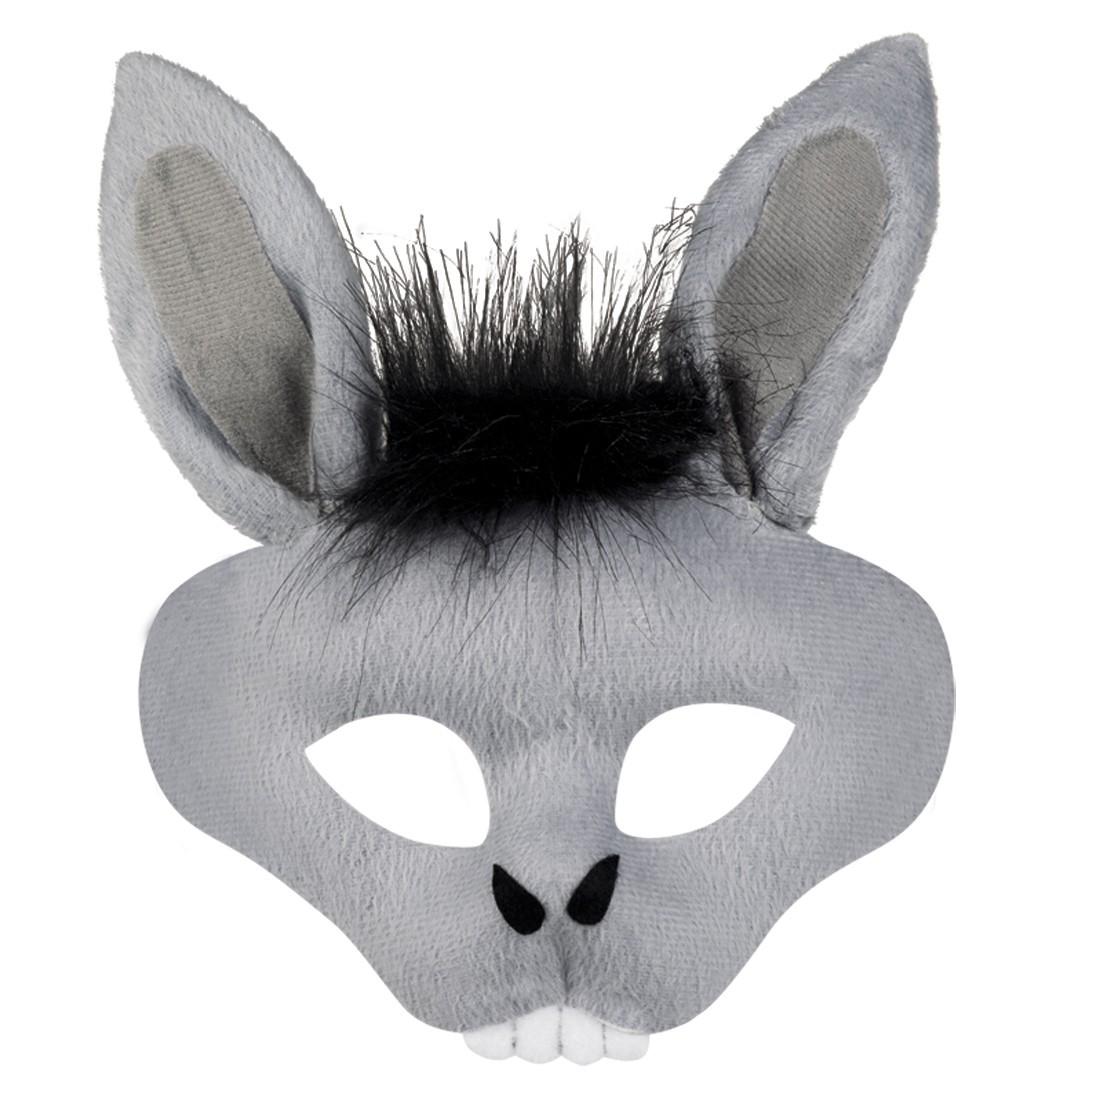 esel maske mit ohren tiermaske maultier 5 99. Black Bedroom Furniture Sets. Home Design Ideas